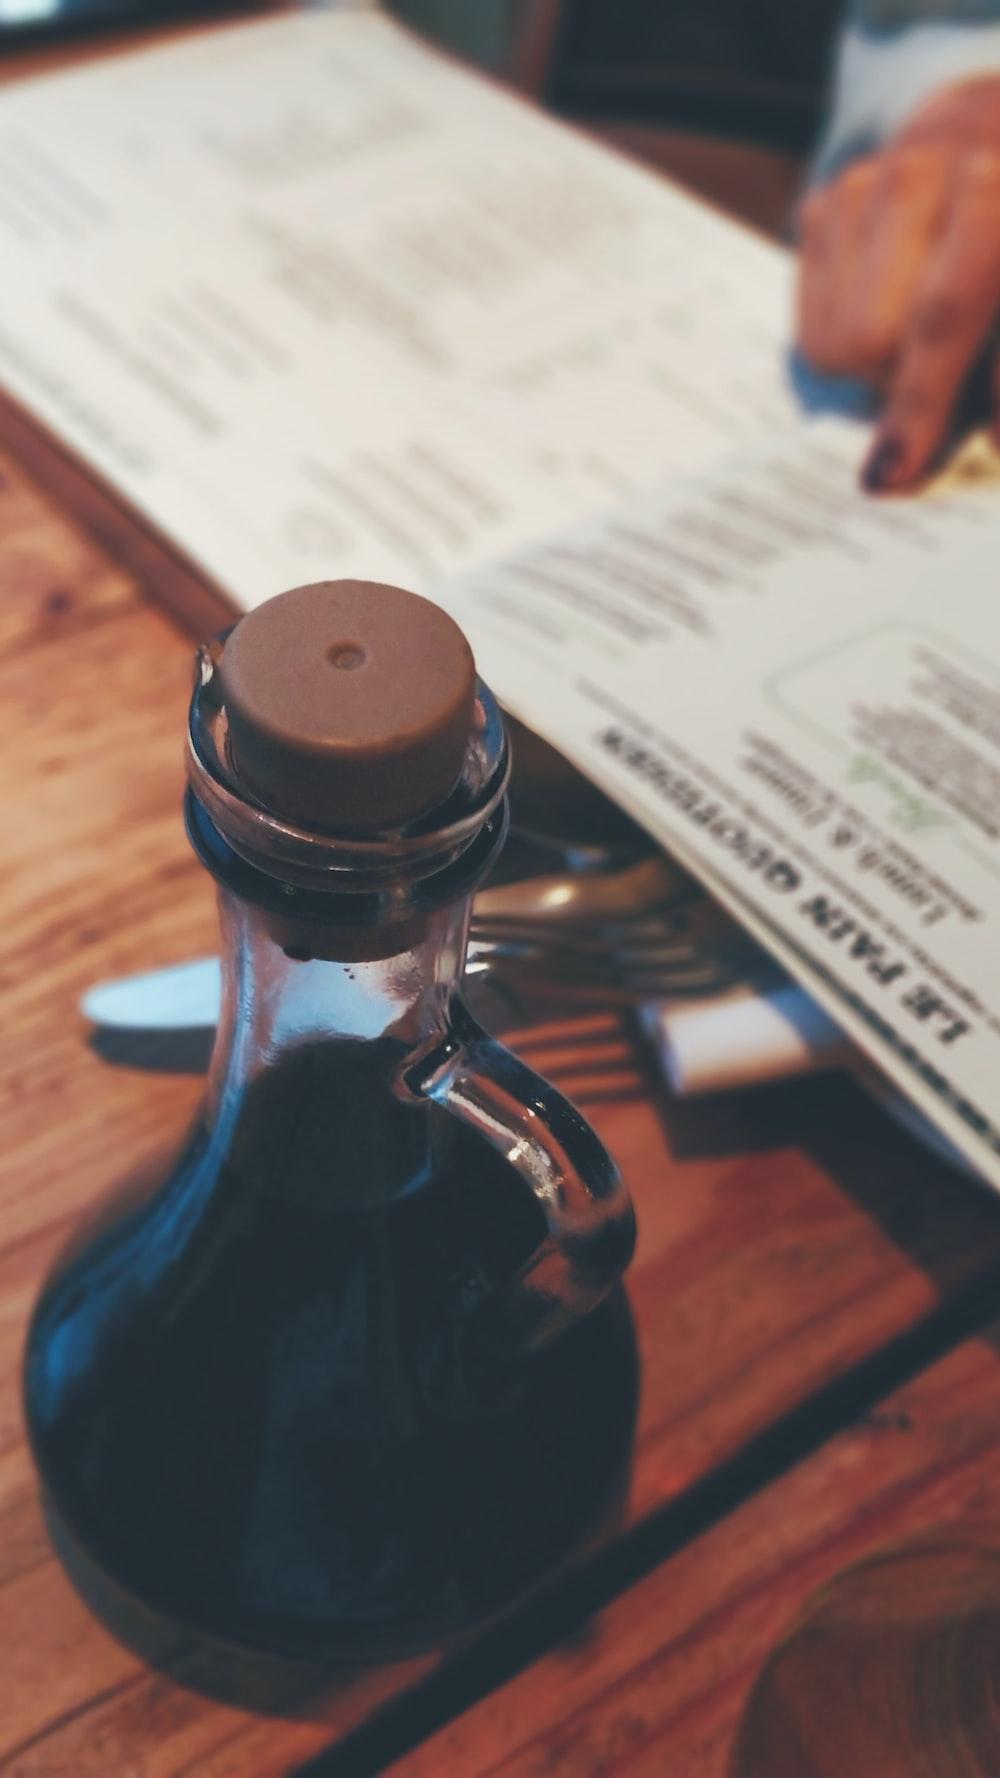 black liquid filled botlte